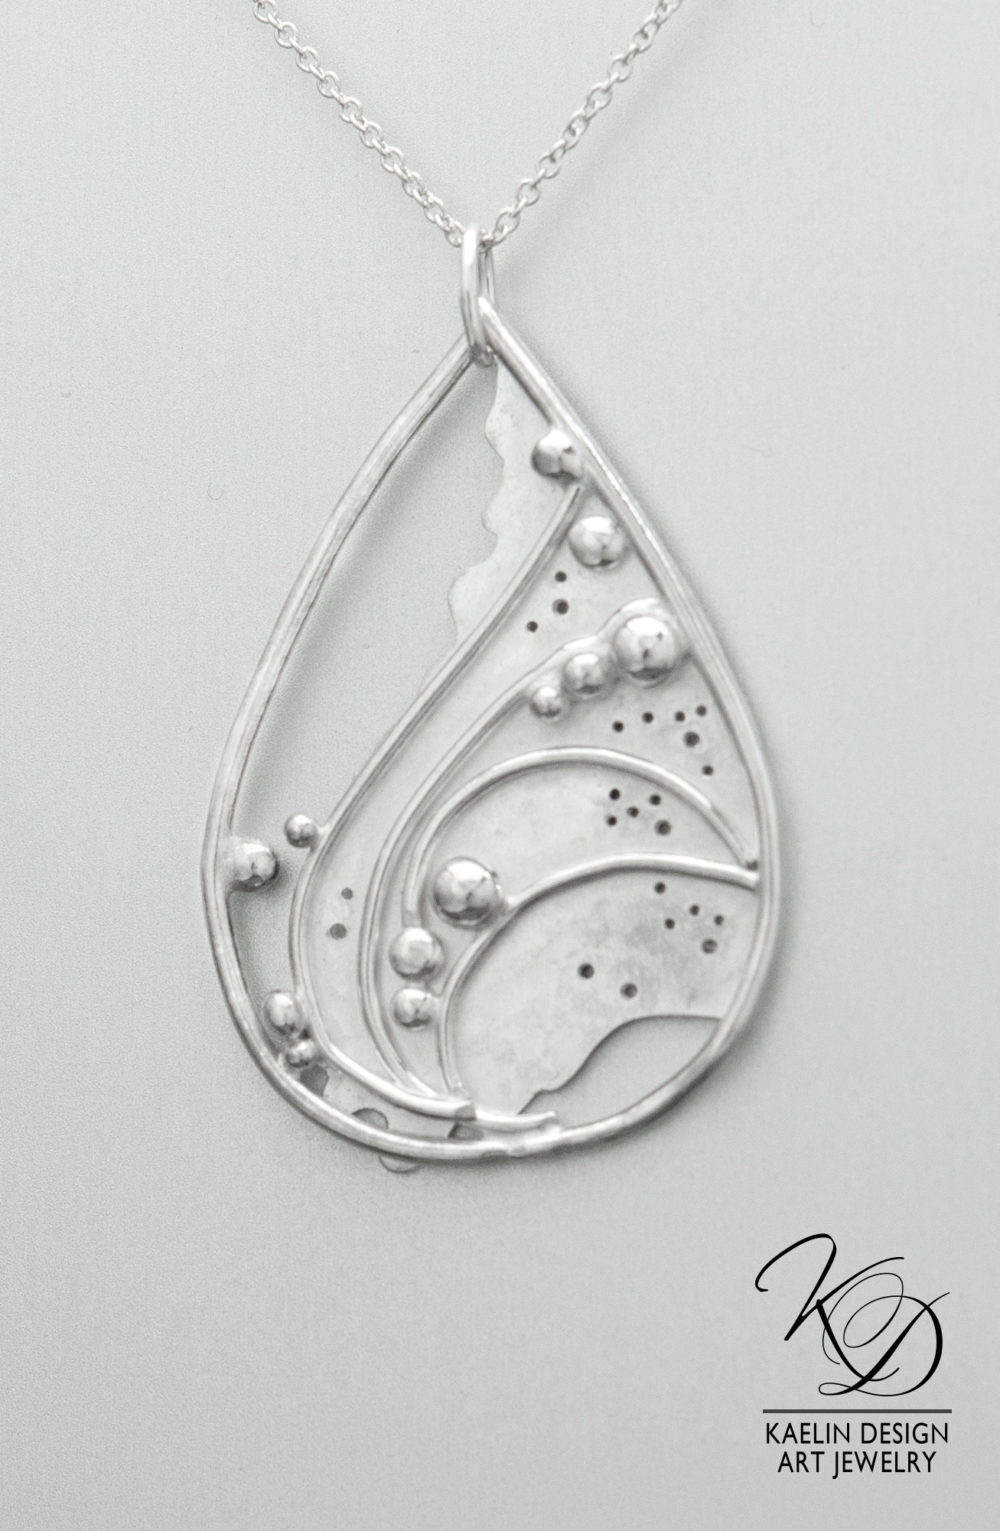 Sea Foam Sterling Silver Ocean inspired Art Jewelry Pendant by Kaelin Design